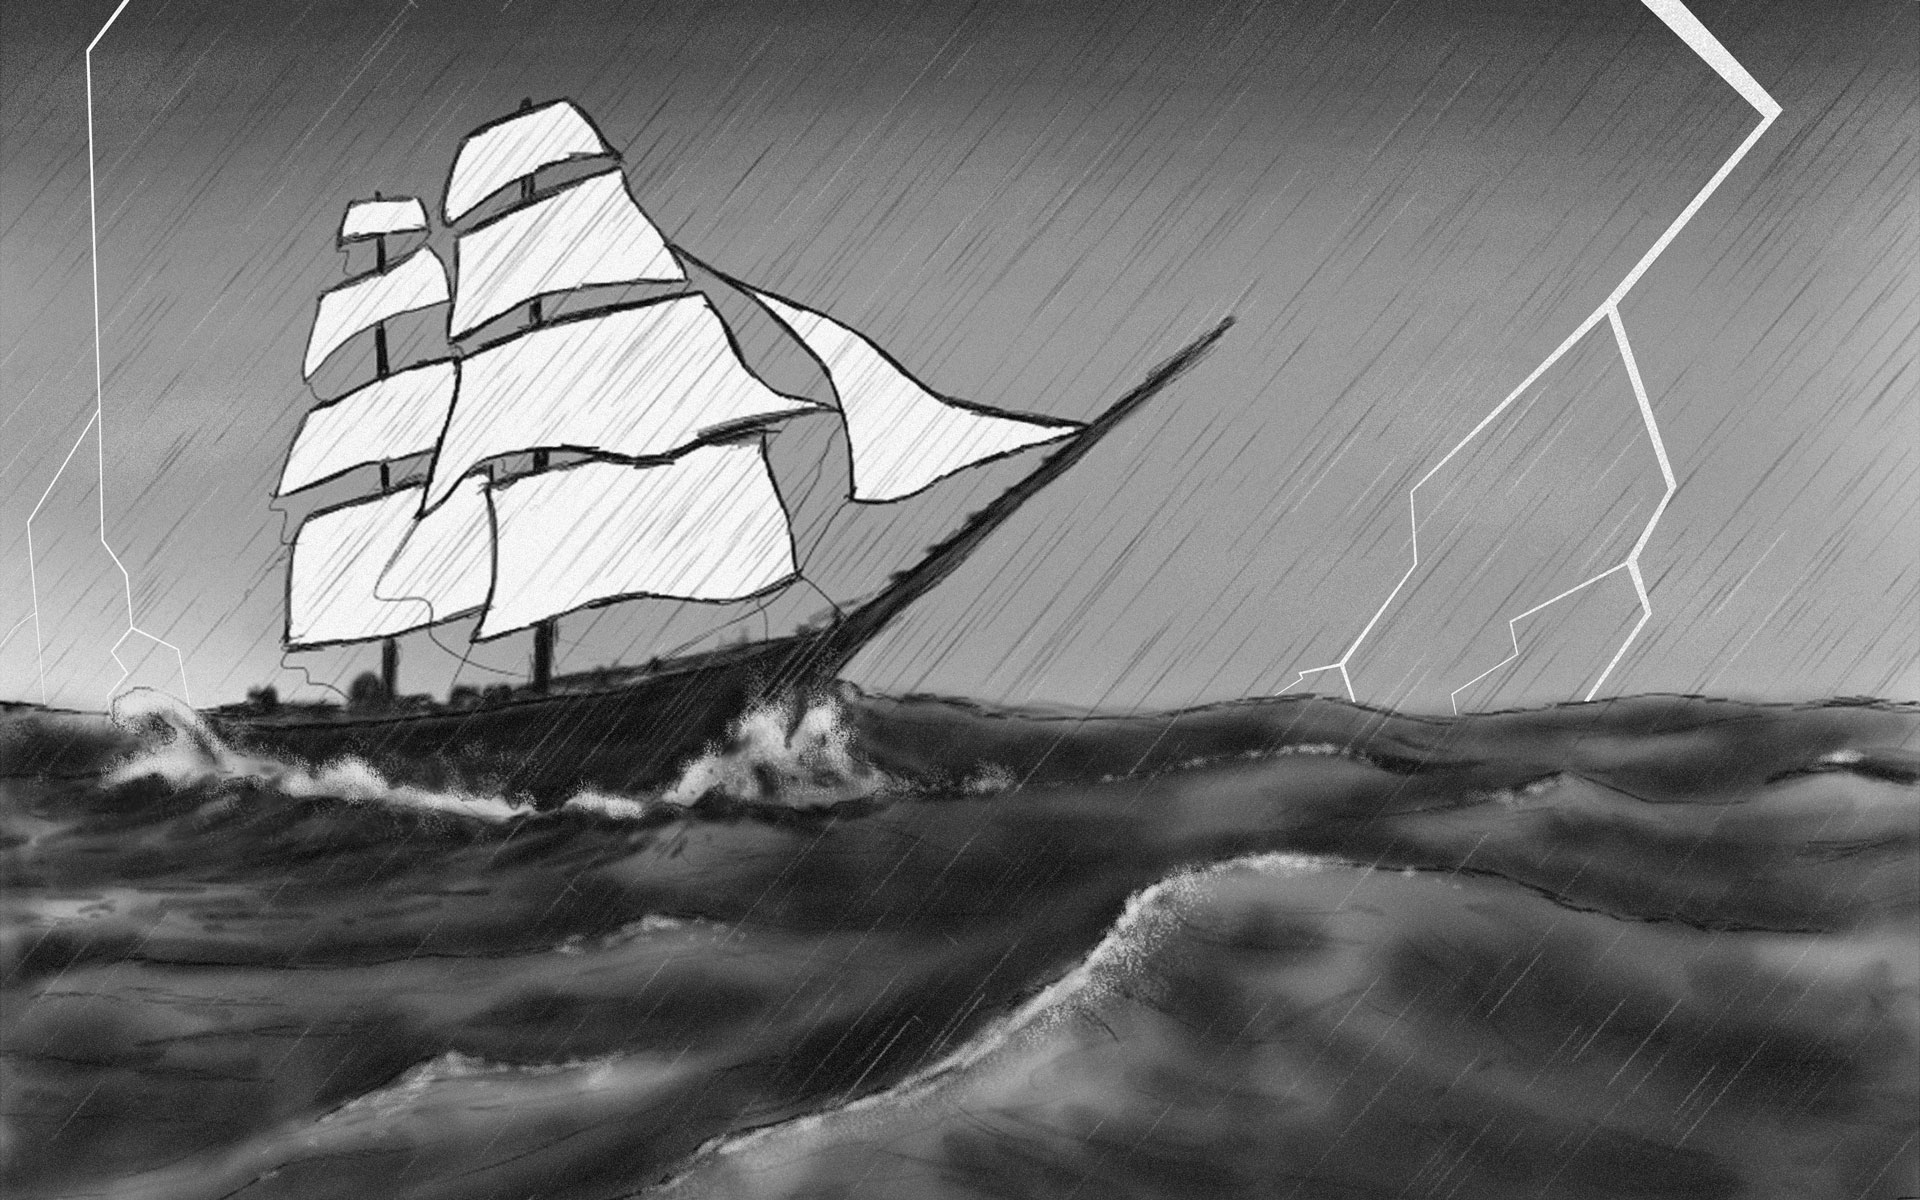 escape_damn-ancient-mariner_ship